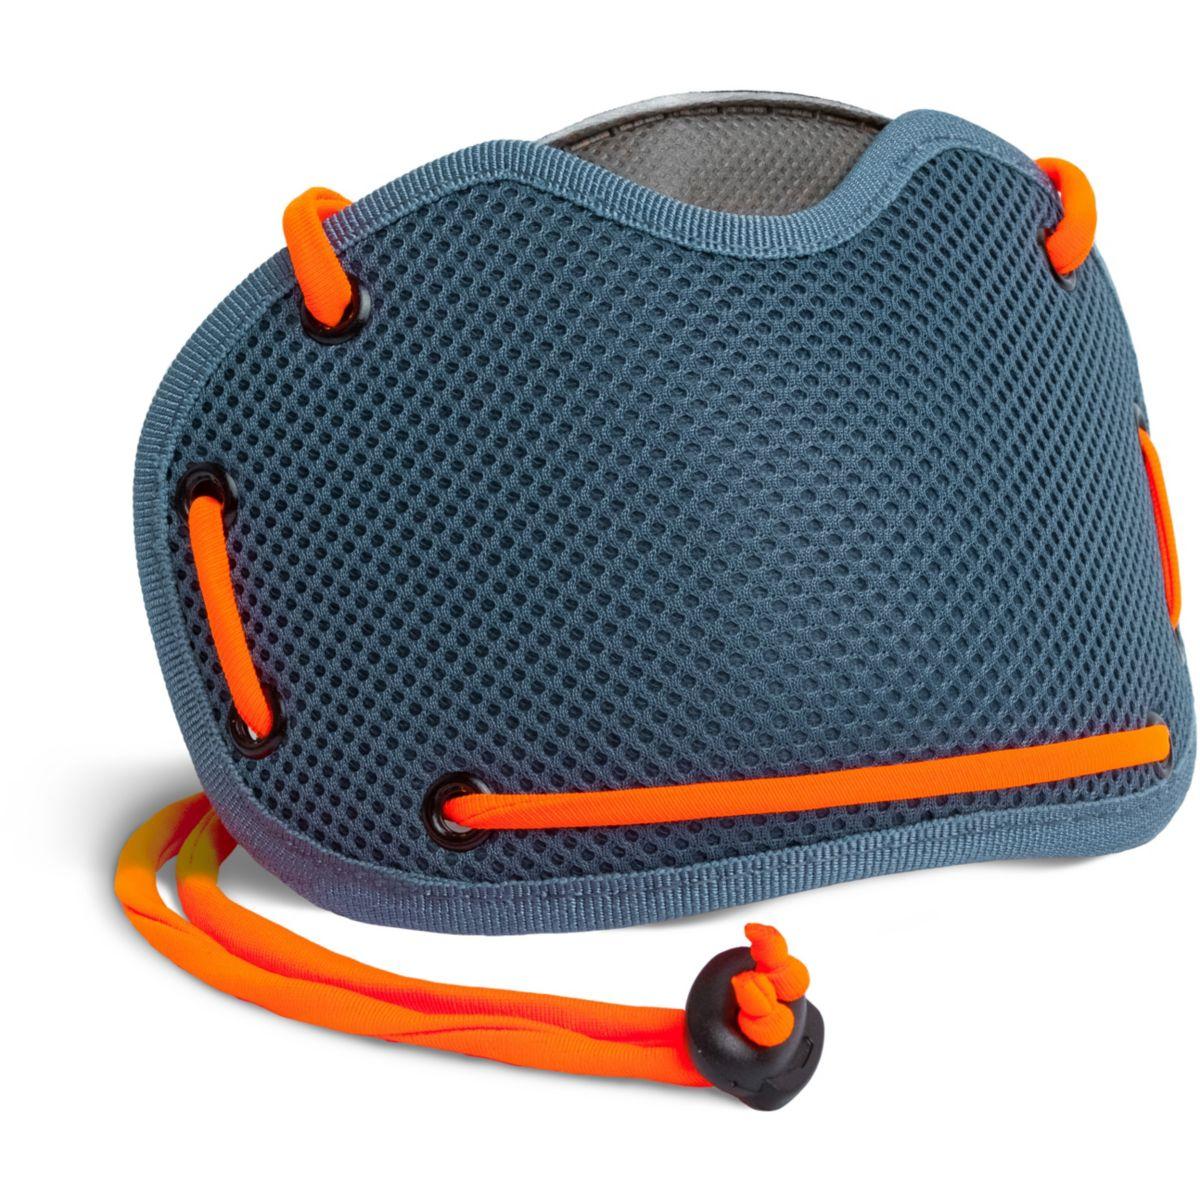 MASQUE BANALE Bleu et orange avec filtre